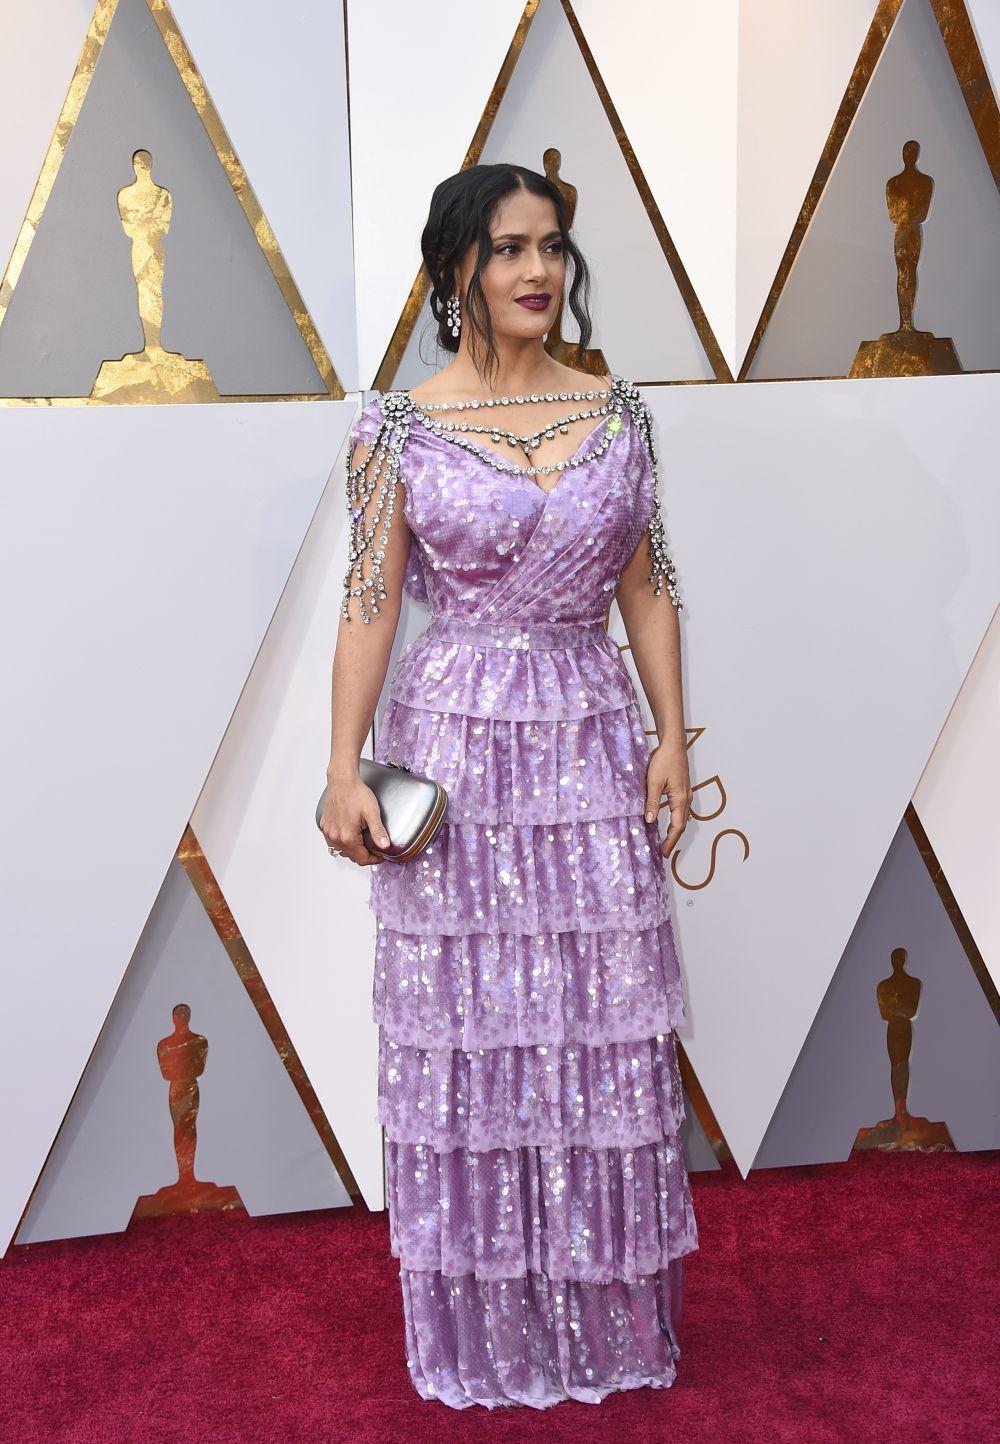 El vestido de Salma Hayek valorado en más de 4 millones   Telva.com